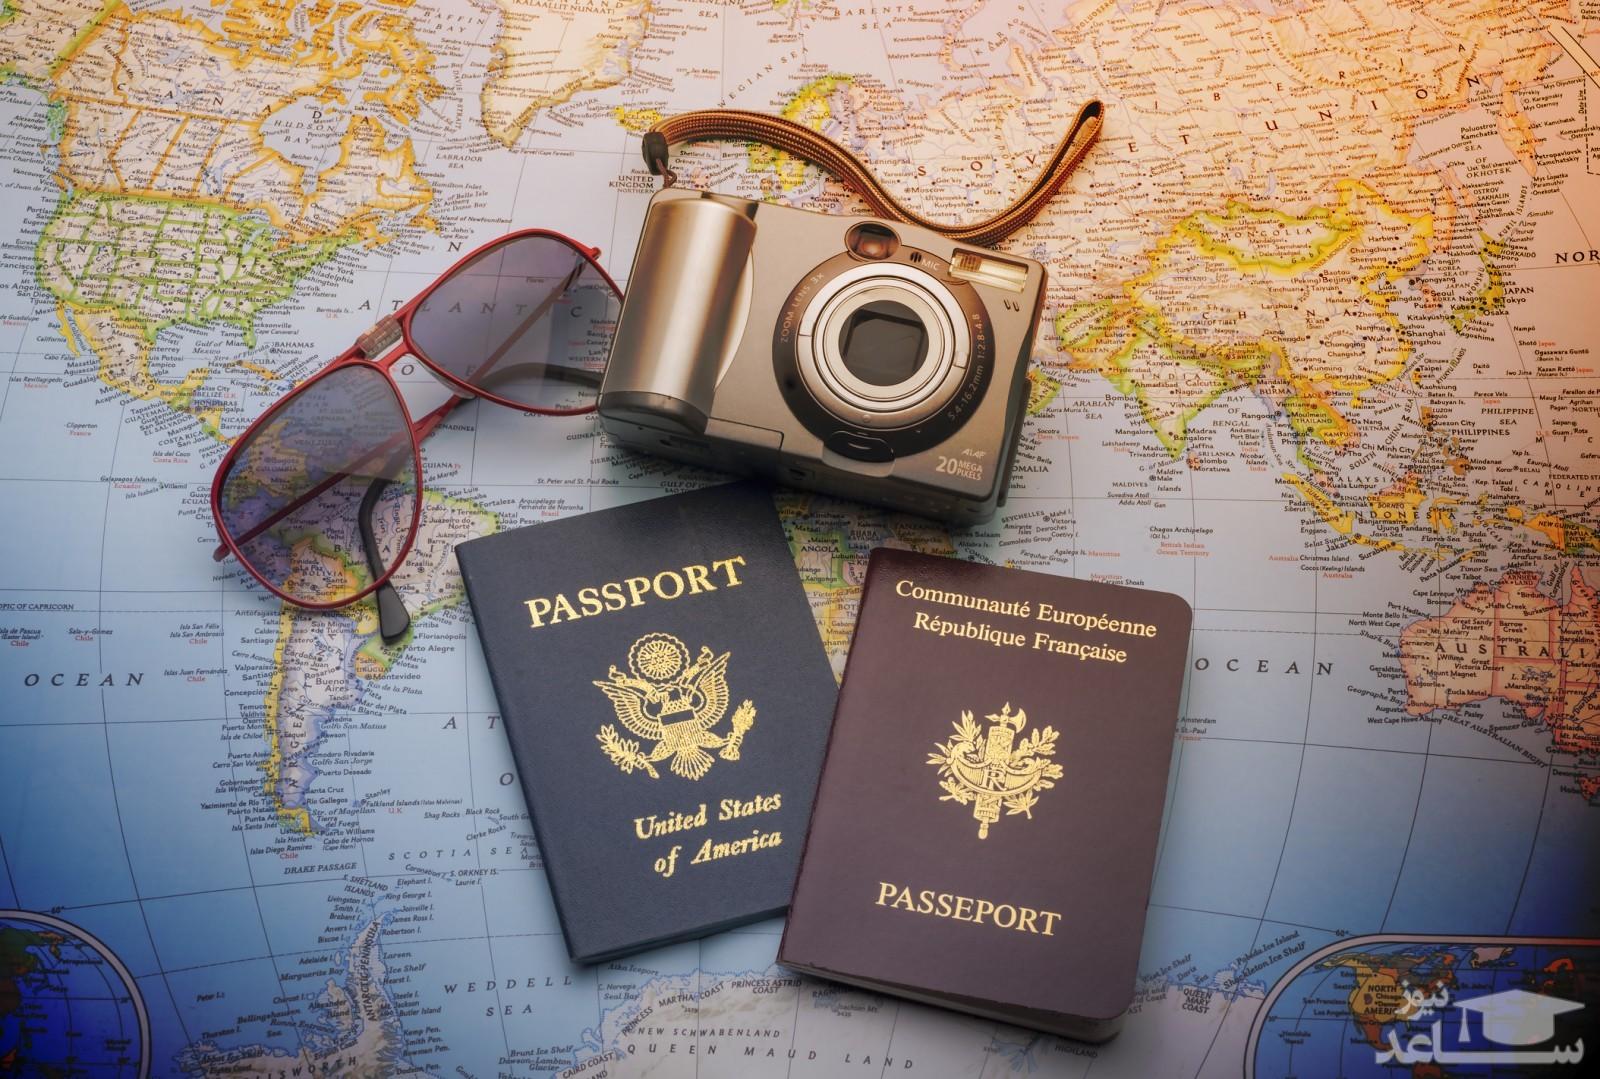 معتبرترین و قدرتمندترین پاسپورت های جهان در سال ۲۰۲۰